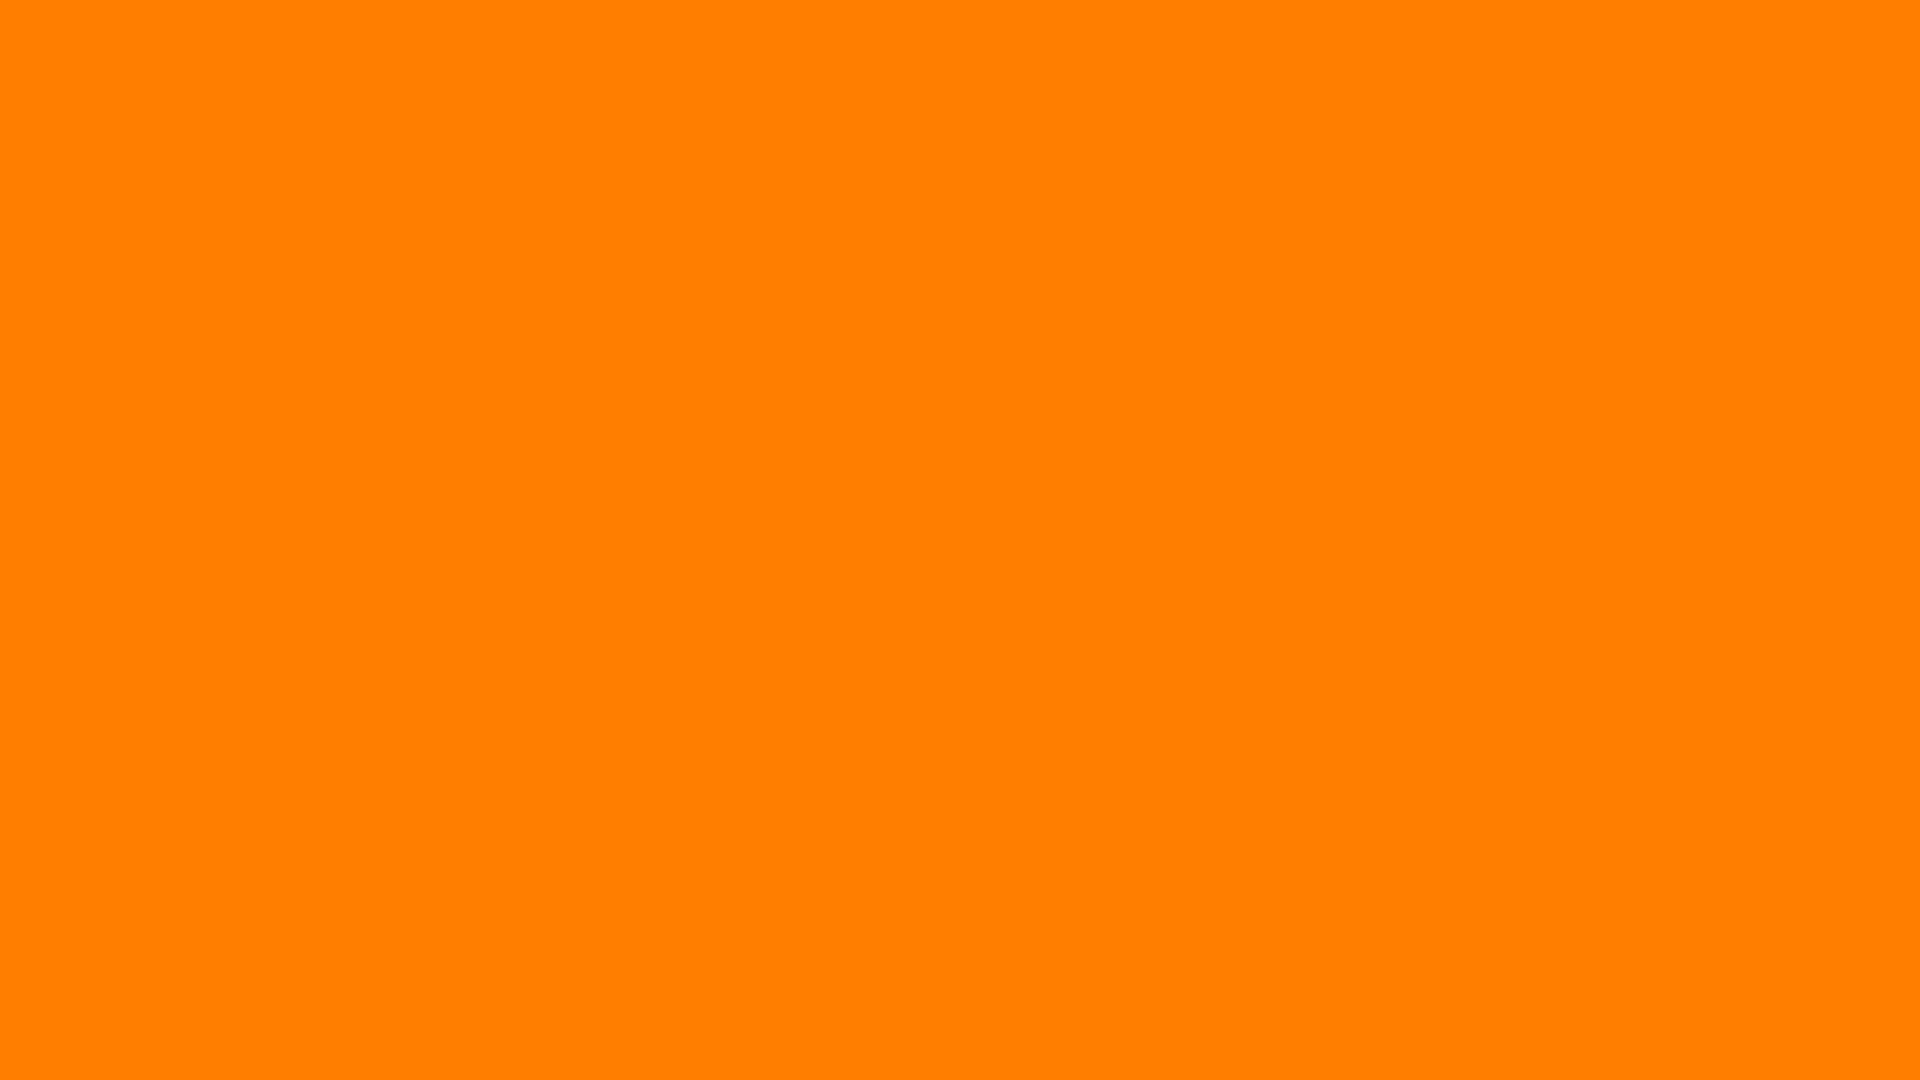 1920x1080 Amber Orange Solid Color Background